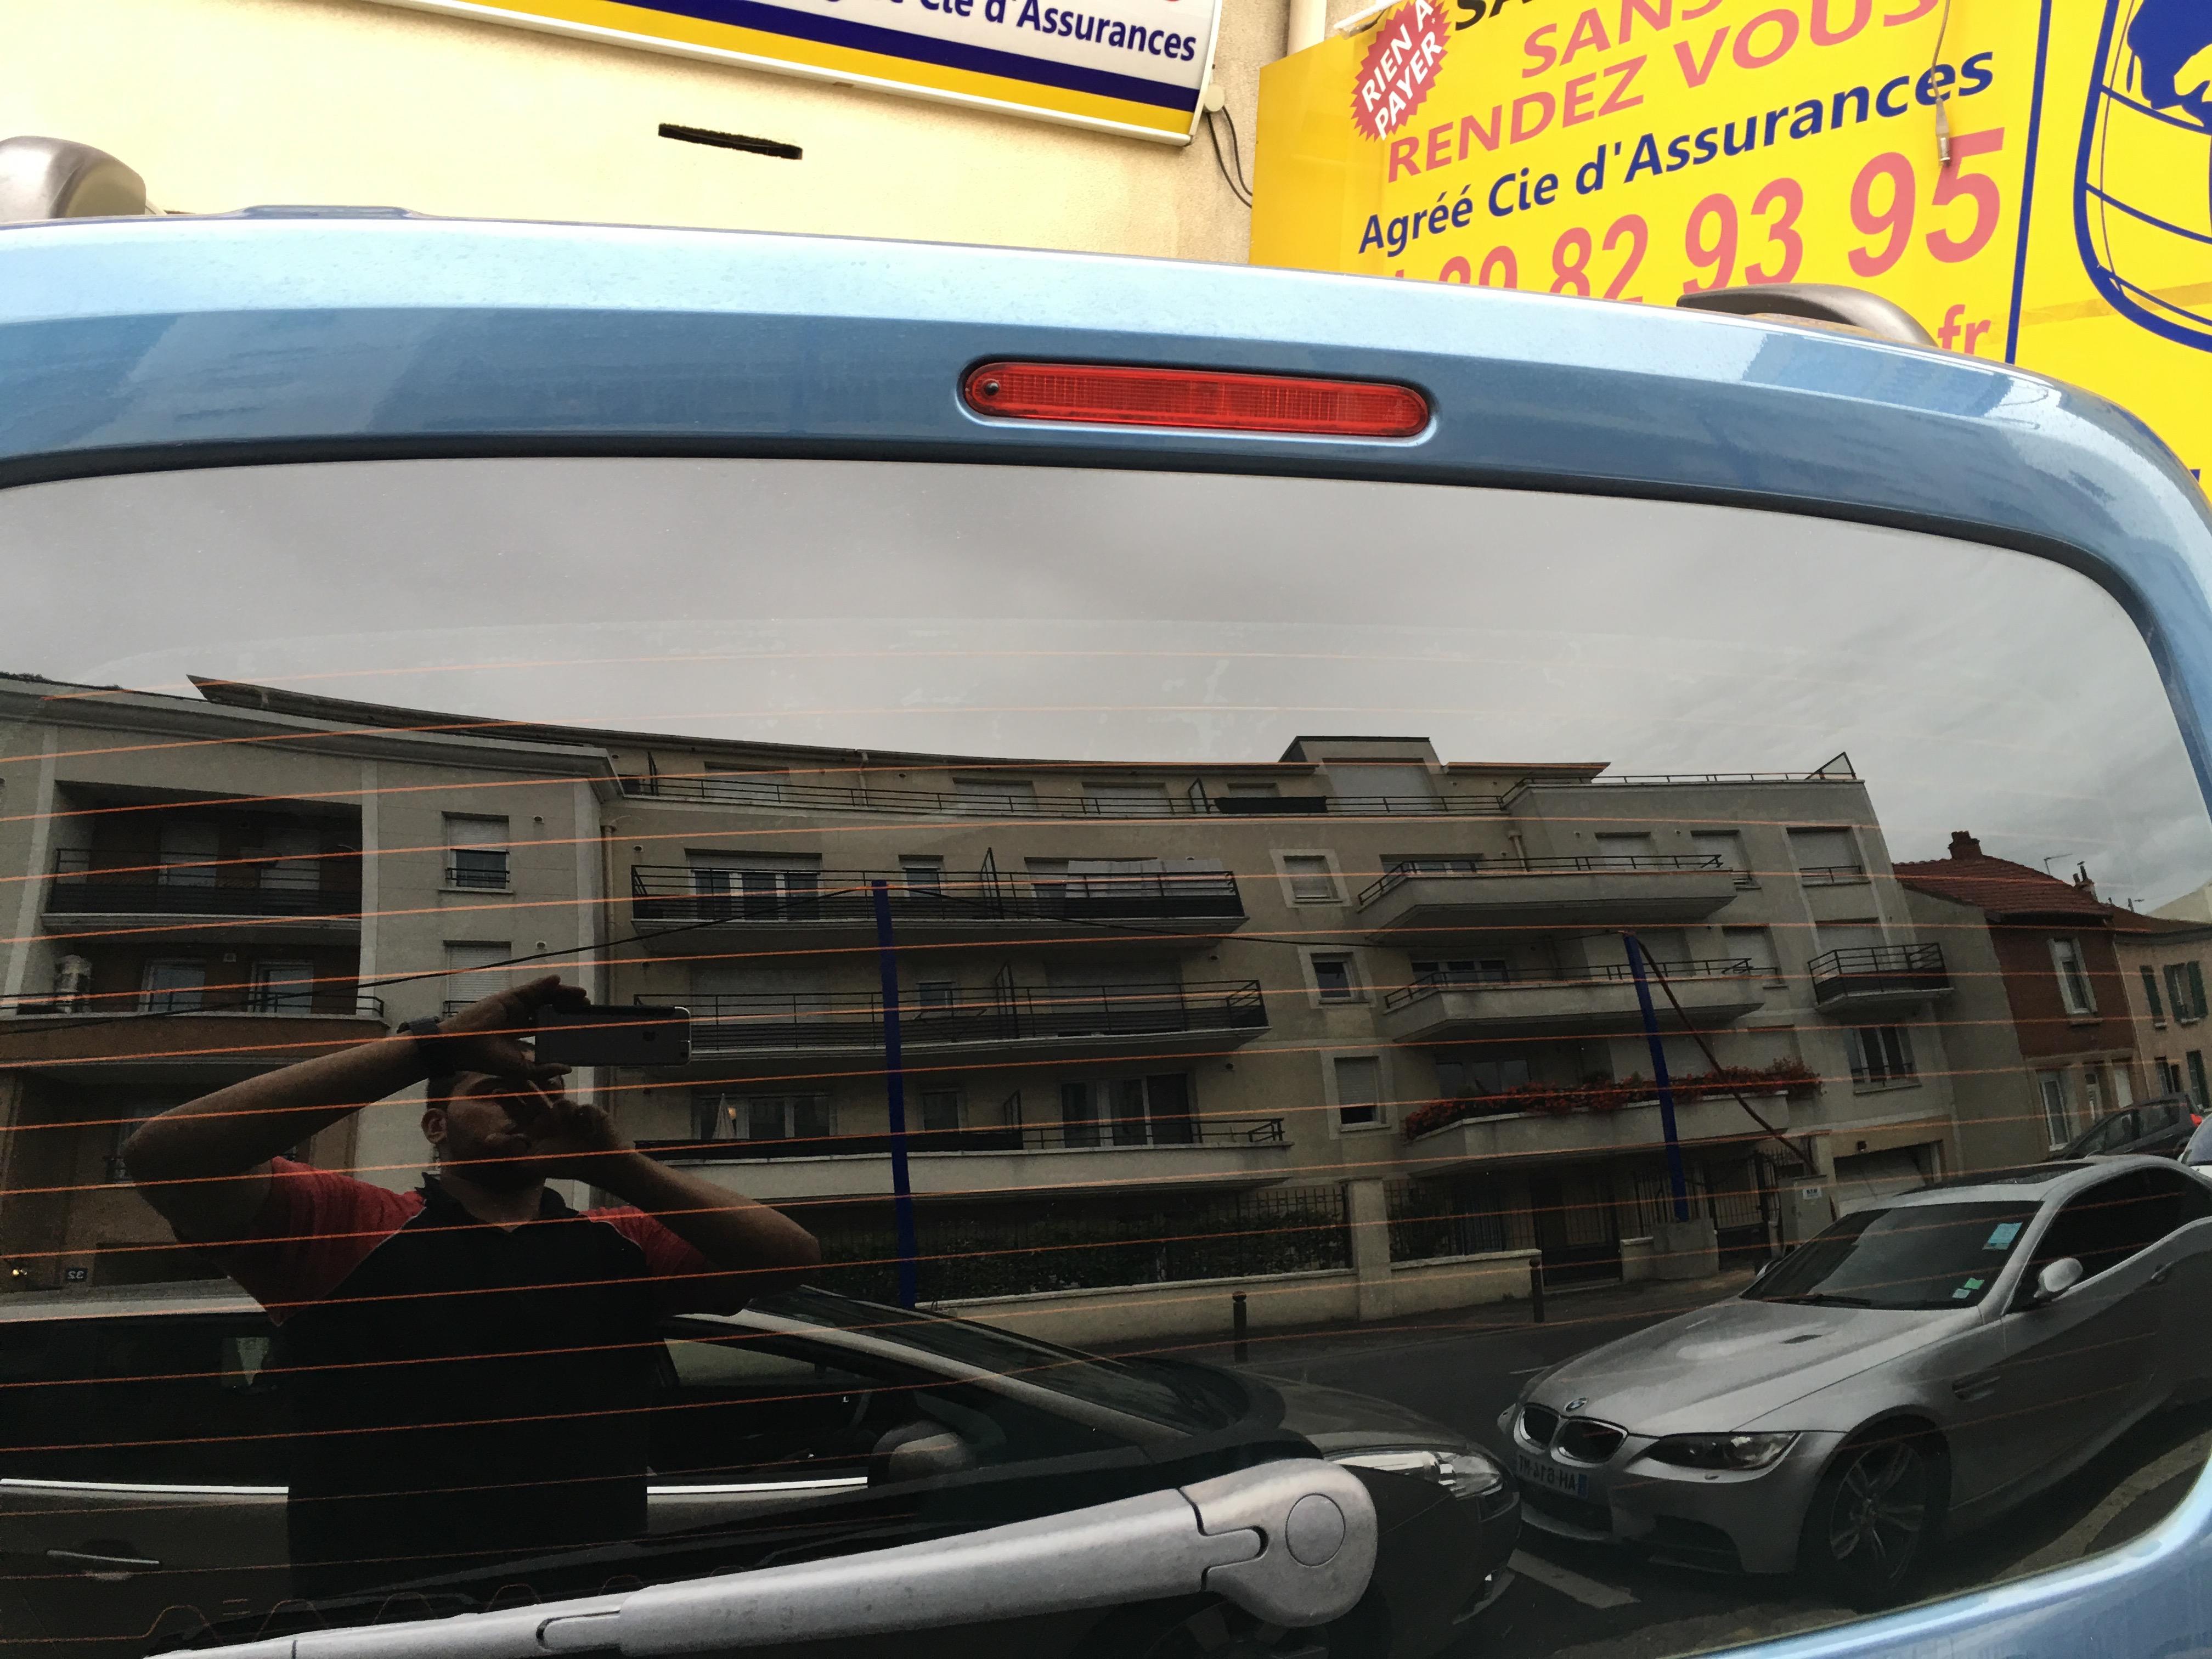 img 0594 vitre teint e automobile pose vitres teint es pour voiture autofilms sp cialise. Black Bedroom Furniture Sets. Home Design Ideas